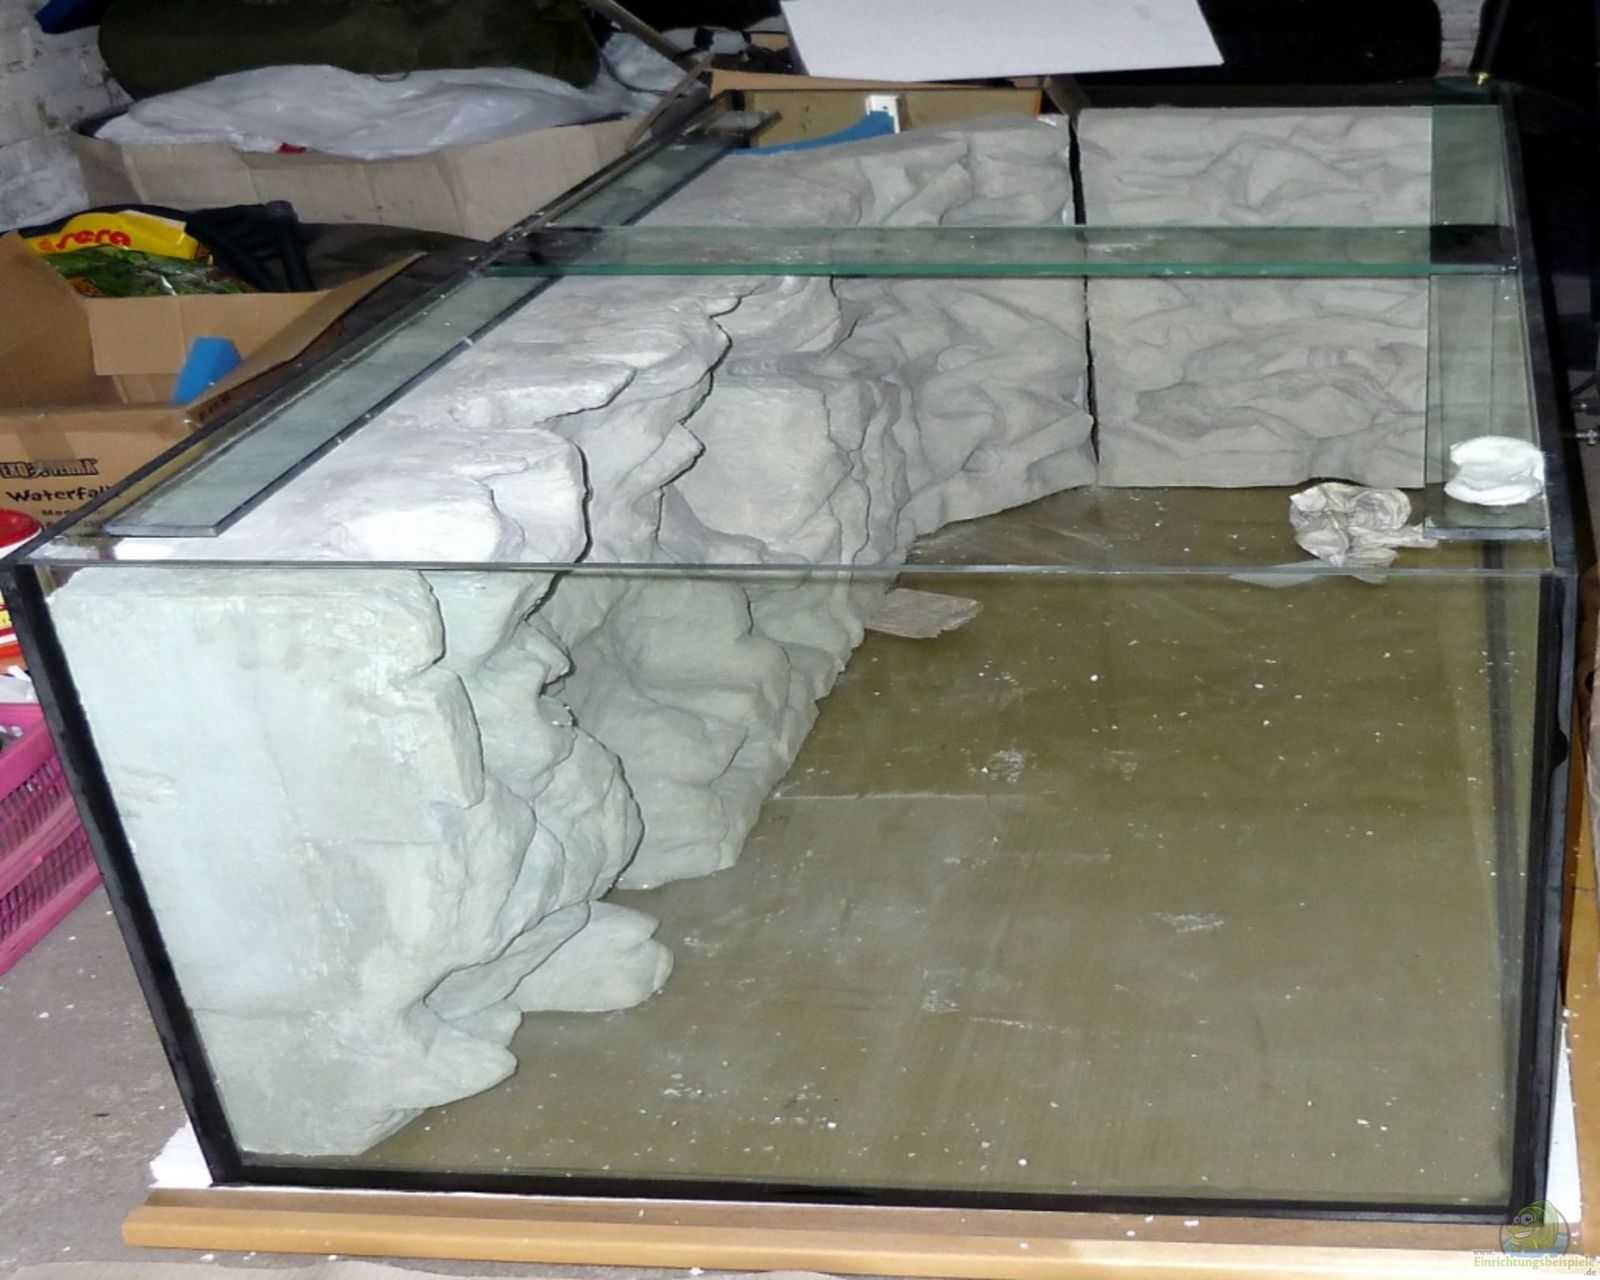 Bau meiner r ckwand aquarium einrichtungsbeispiele - Aquarium ruckwand selber bauen anleitung ...